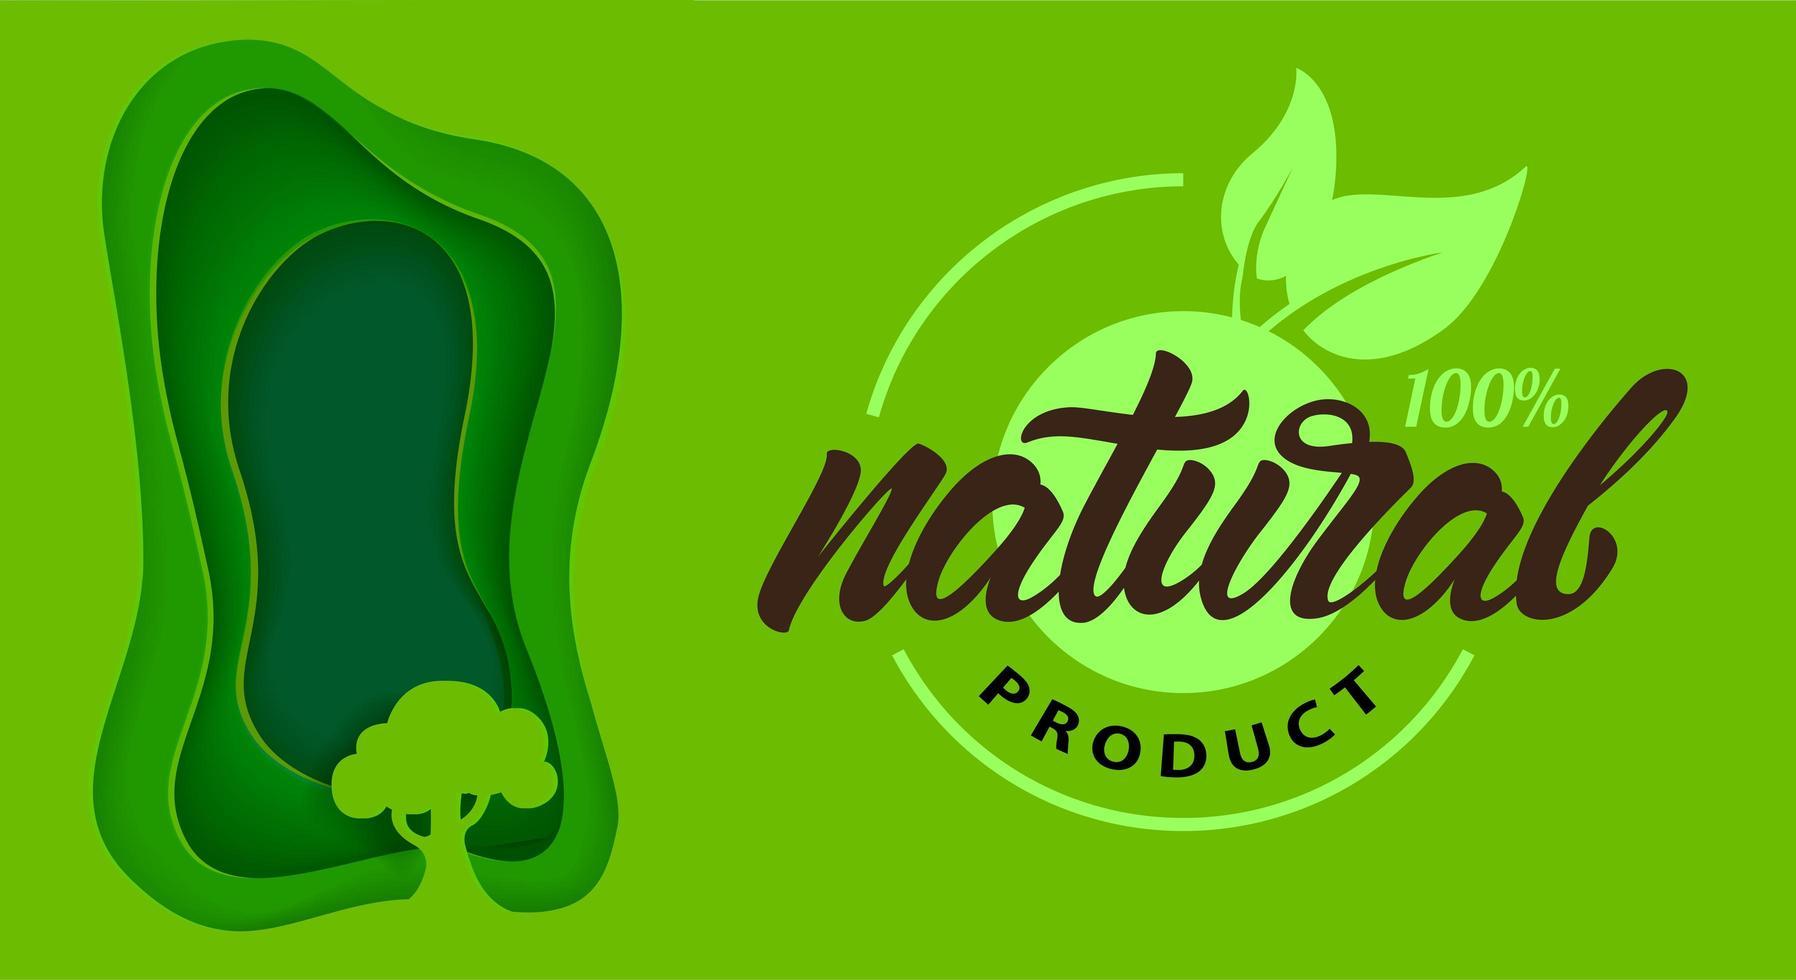 pôster abstrato verde natural com árvores em estilo de papel vetor